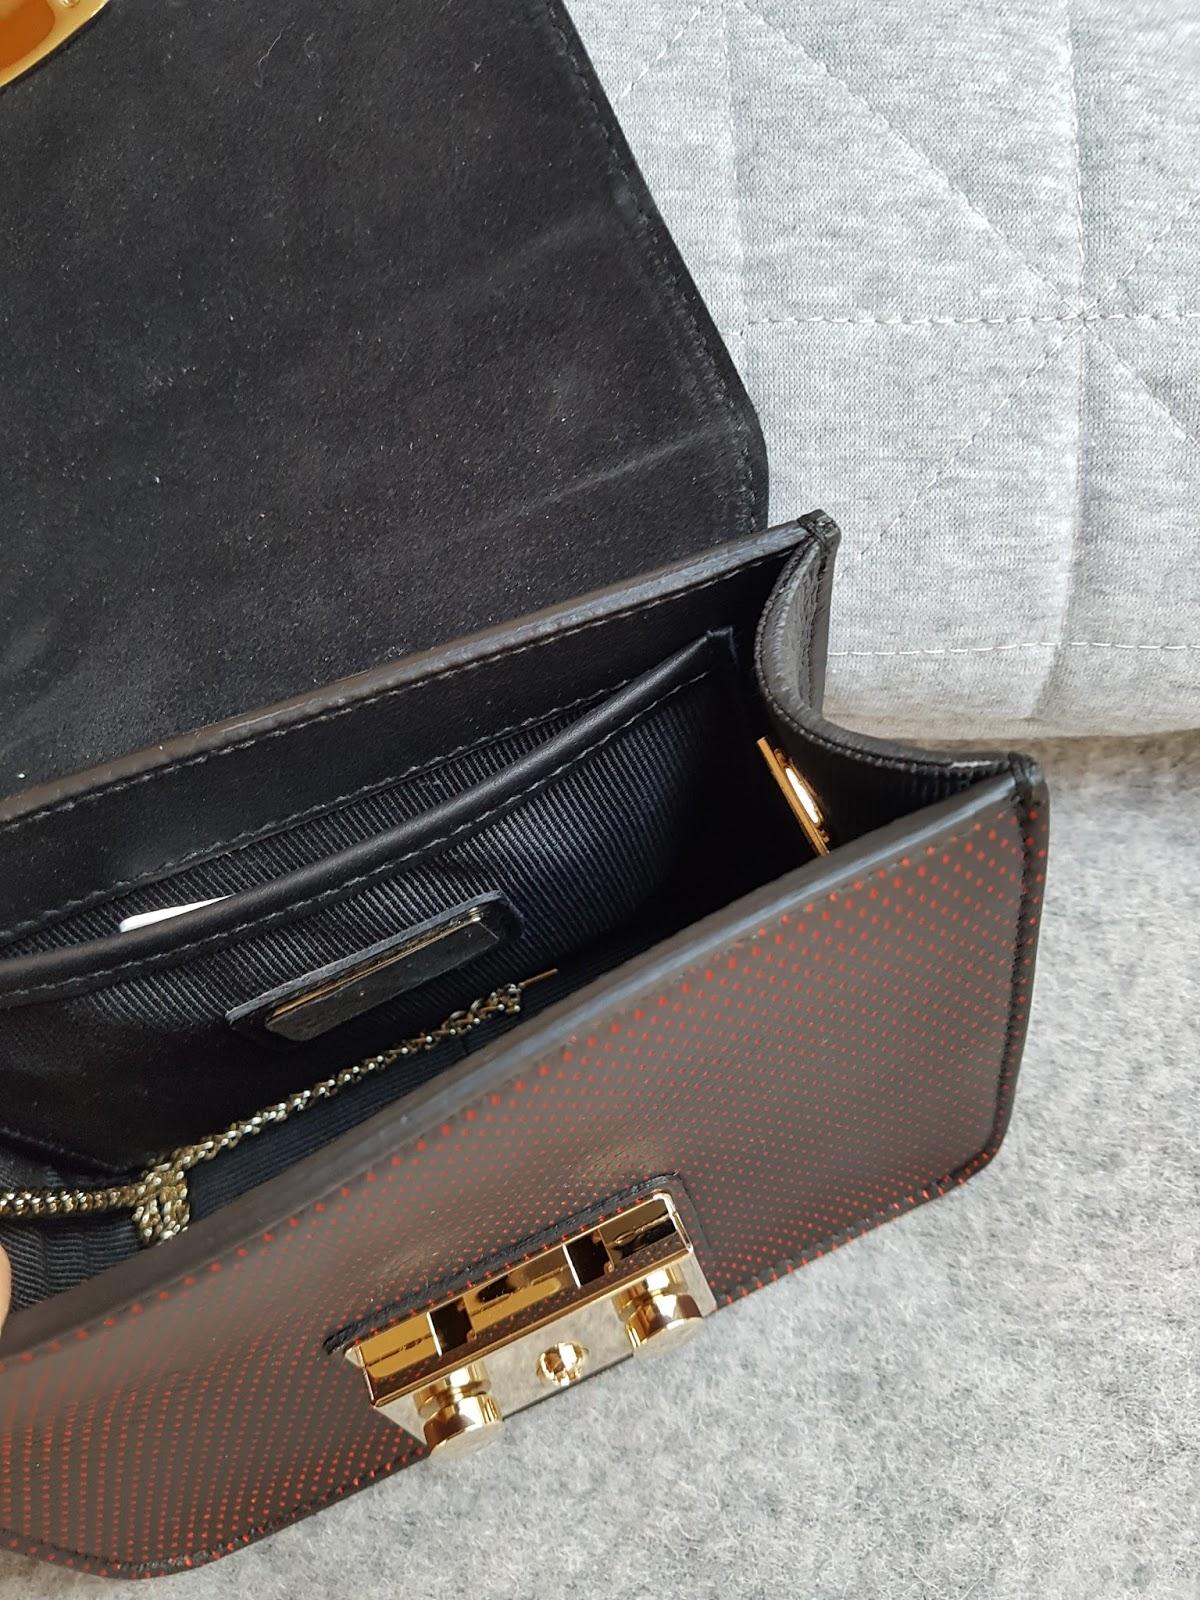 6e3a3b42eb6f7 ... ale w nico luźniejszym stylu jest torebka w przepięknym brązie marki  Royal Republiq. Solidne wykonanie i... uzależniający zapach skóry!  )